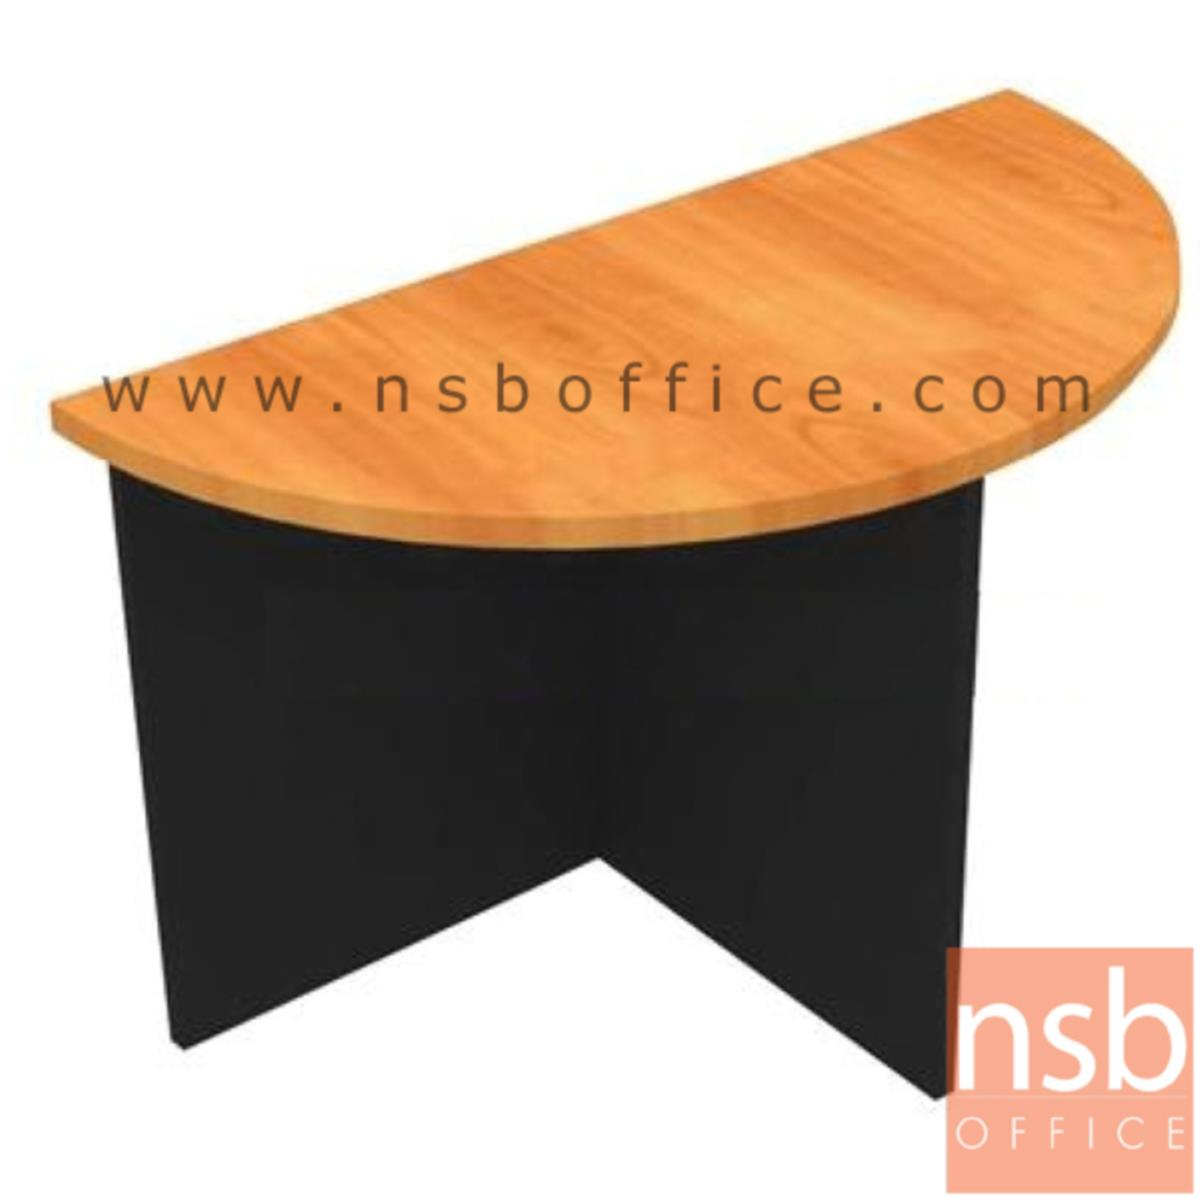 A05A042:โต๊ะเข้ามุมครึ่งวงกลม รุ่น Culber ขนาด Di120 ,Di150 cm. เมลามีน สีเชอร์รี่ดำ